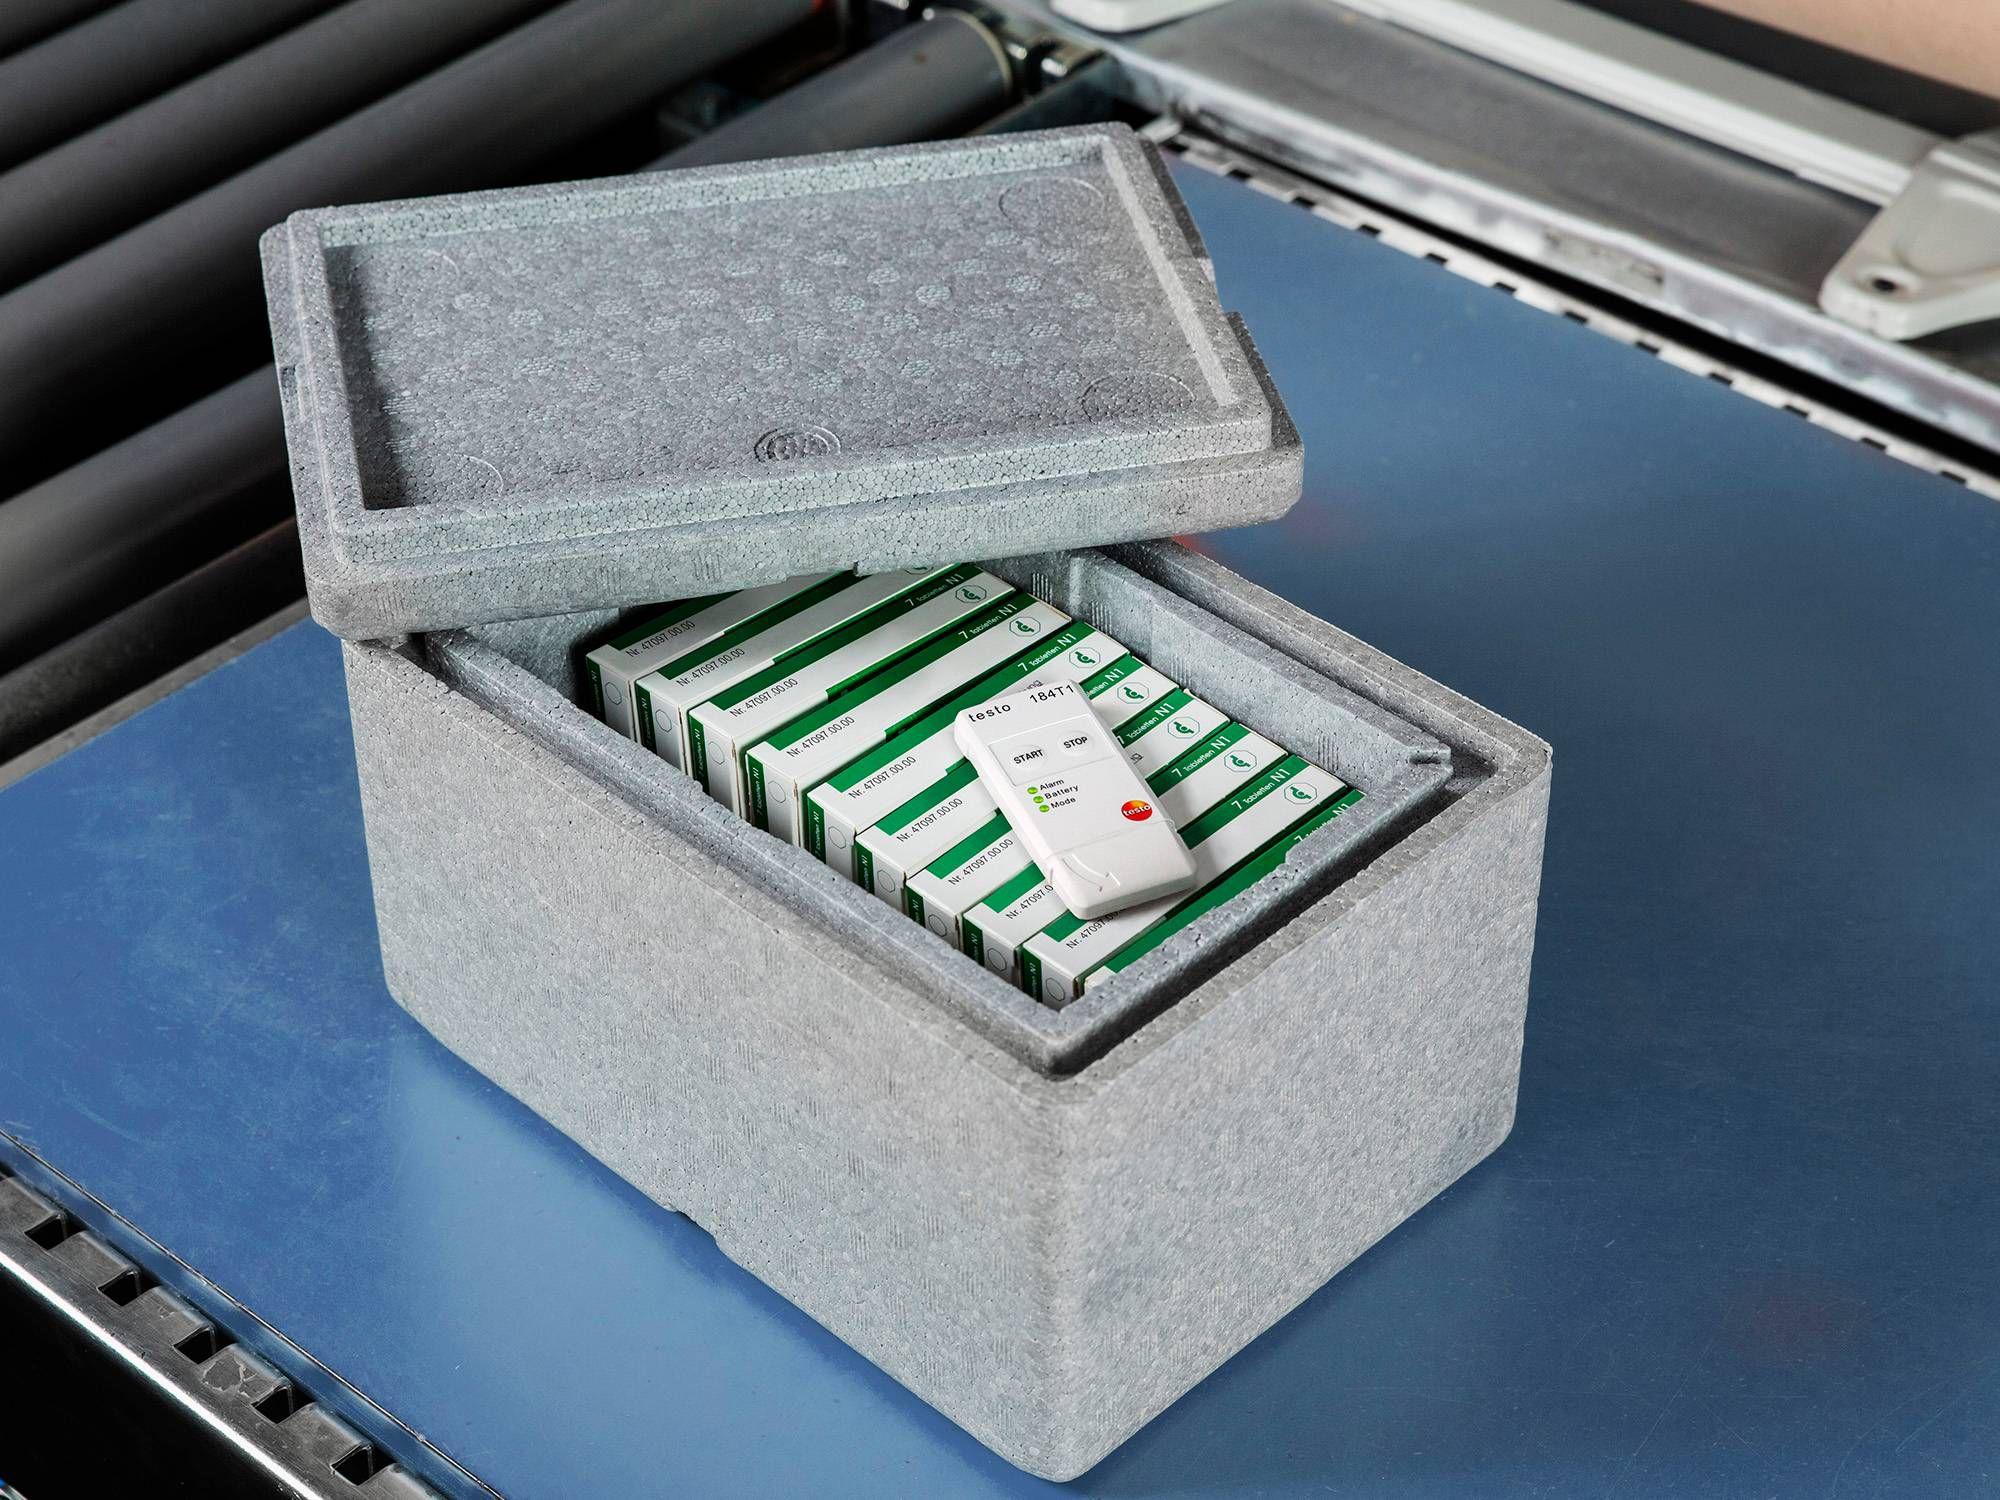 运输数据记录仪与装有药品的冷藏箱封闭在一起